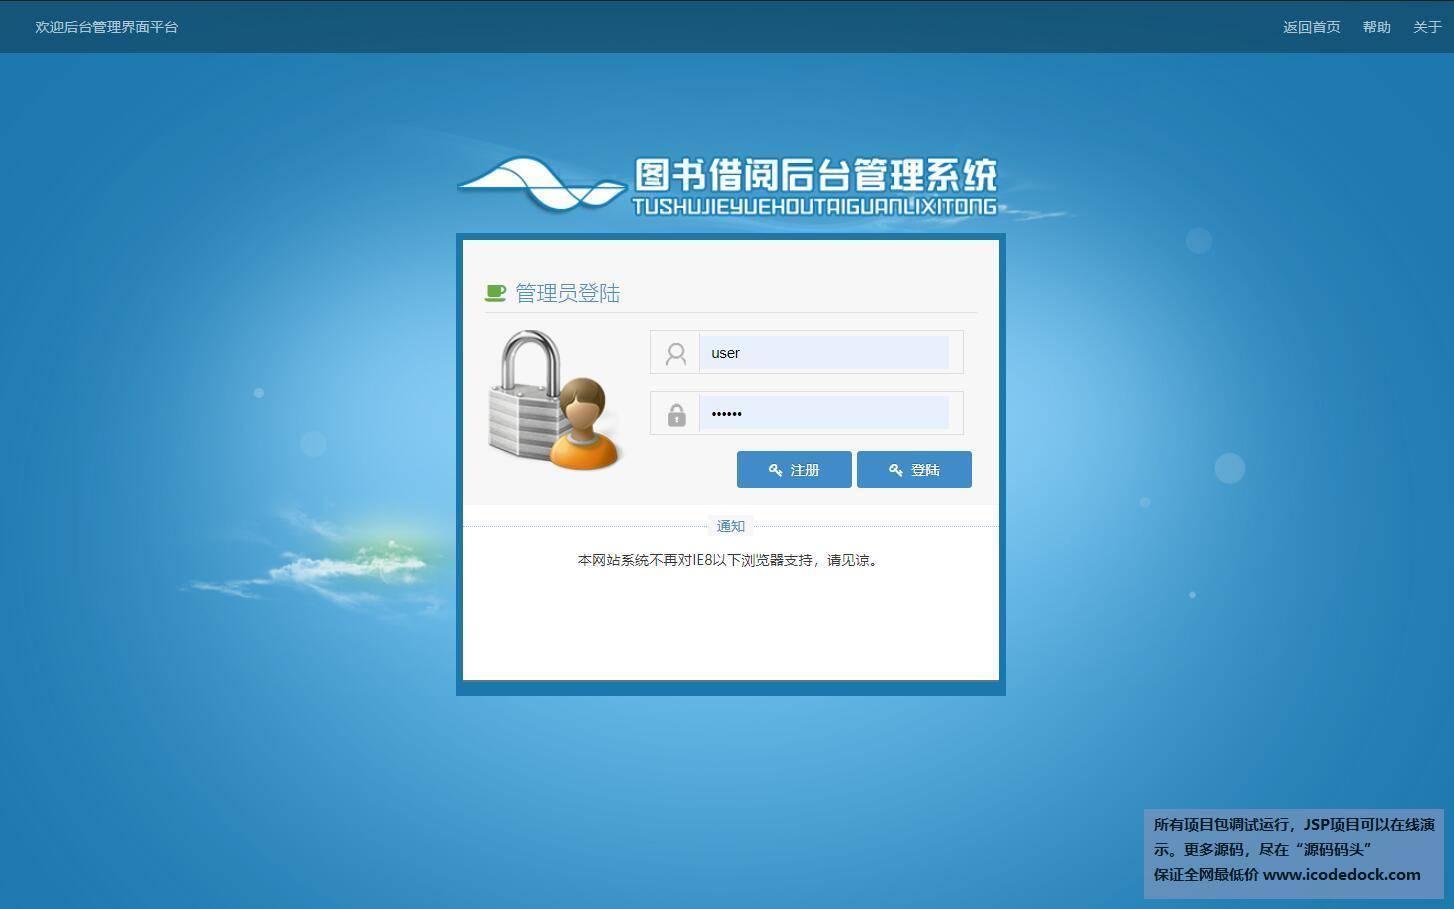 源码码头-SSH实现简单图书借阅管理系统-用户角色-用户登录